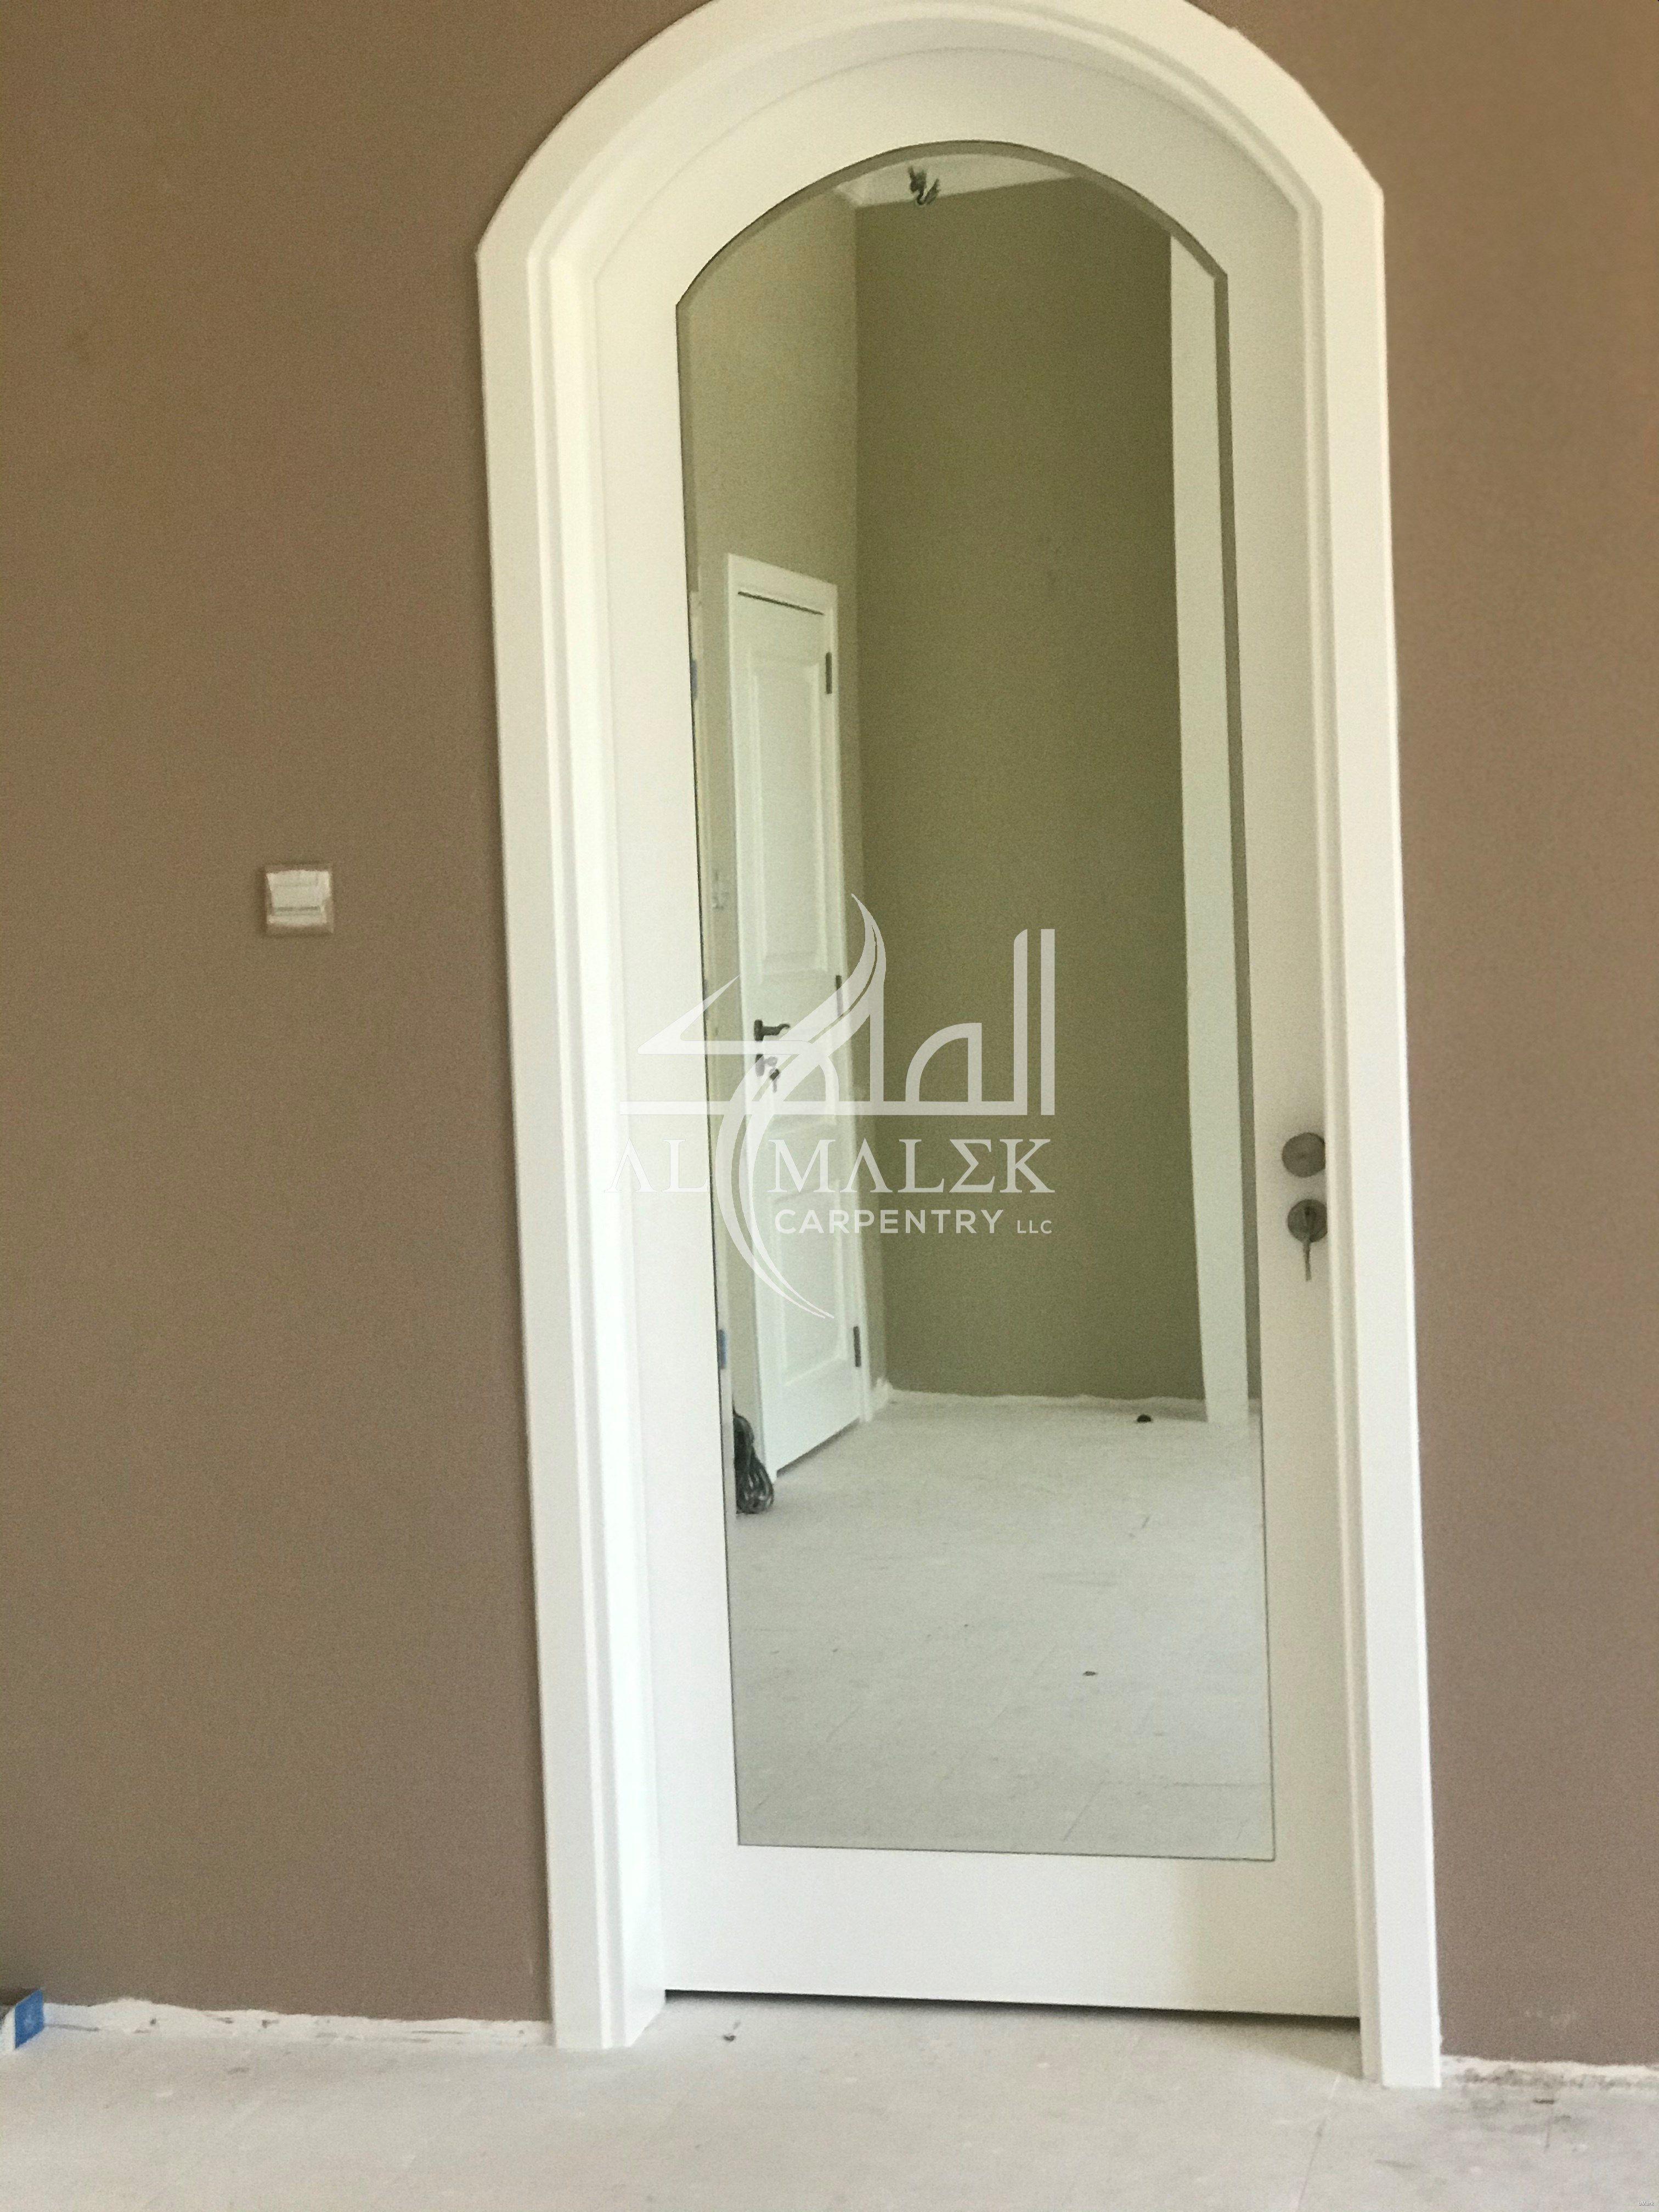 Wooden Doors Wood Frames Mouldings Creative Inspiration Gallery Create A Unique Door Idea In 2021 Carpentry And Joinery Wooden Doors Unique Doors